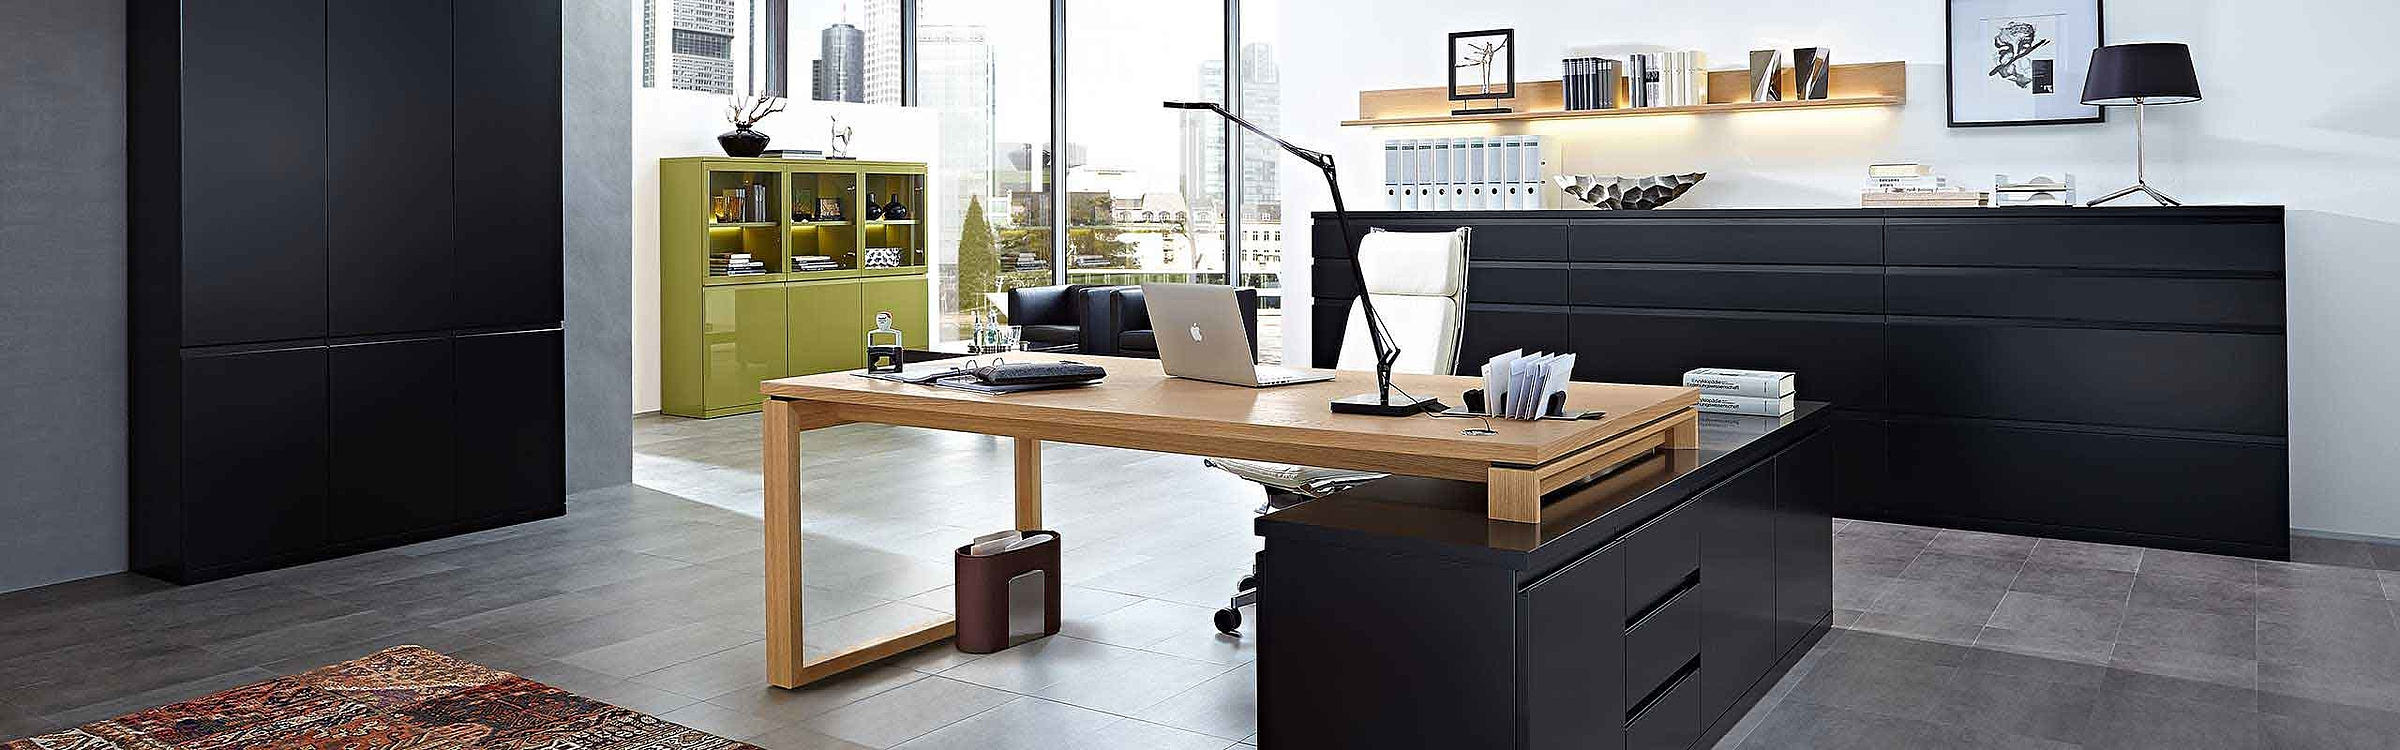 Garderobenschrank Sideboard Schreibtisch Büro Enjoy Lack schwarz